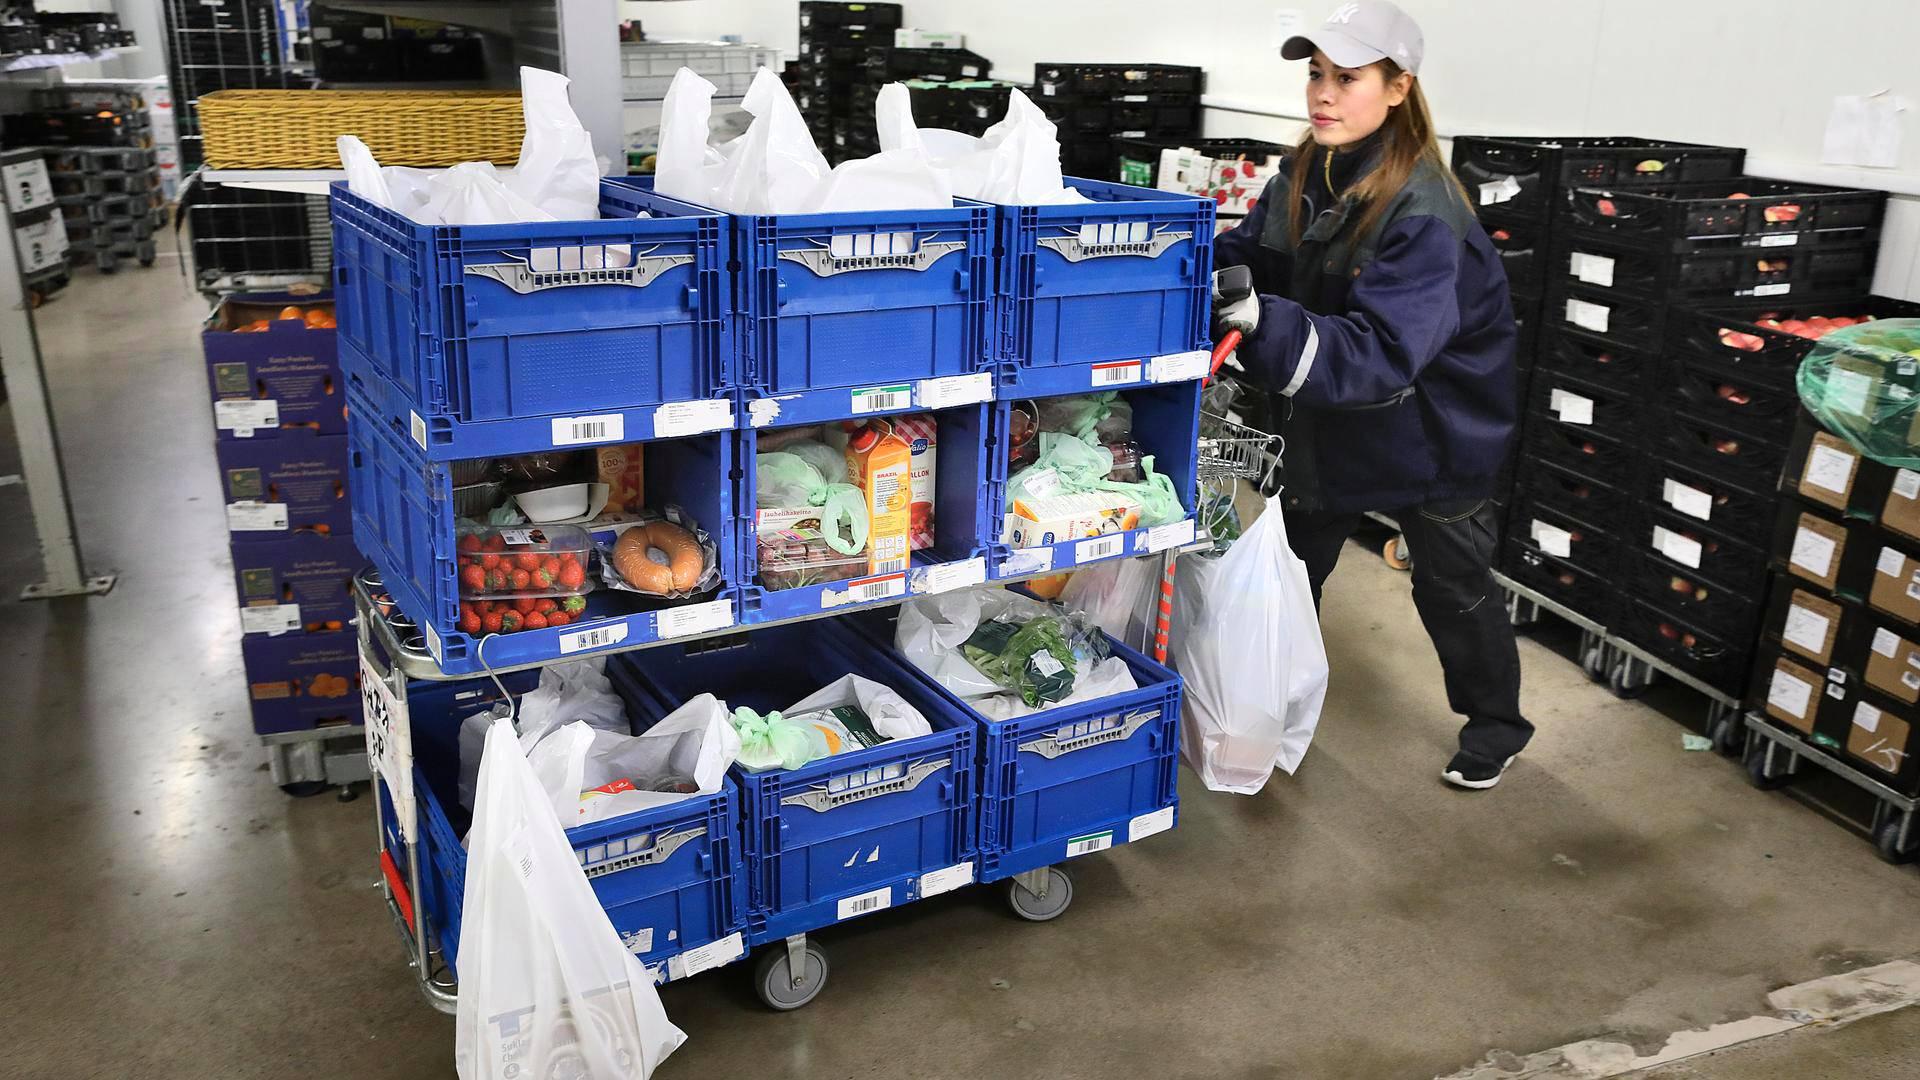 Saako ruokakassit eteiseen samana päivänä ja voiko perunat tilata  tasakokoisina – HS vertaili ruoan verkkokauppoja ja kotiinkuljetuksia  pääkaupunkiseudulla ... 683e67f5e7